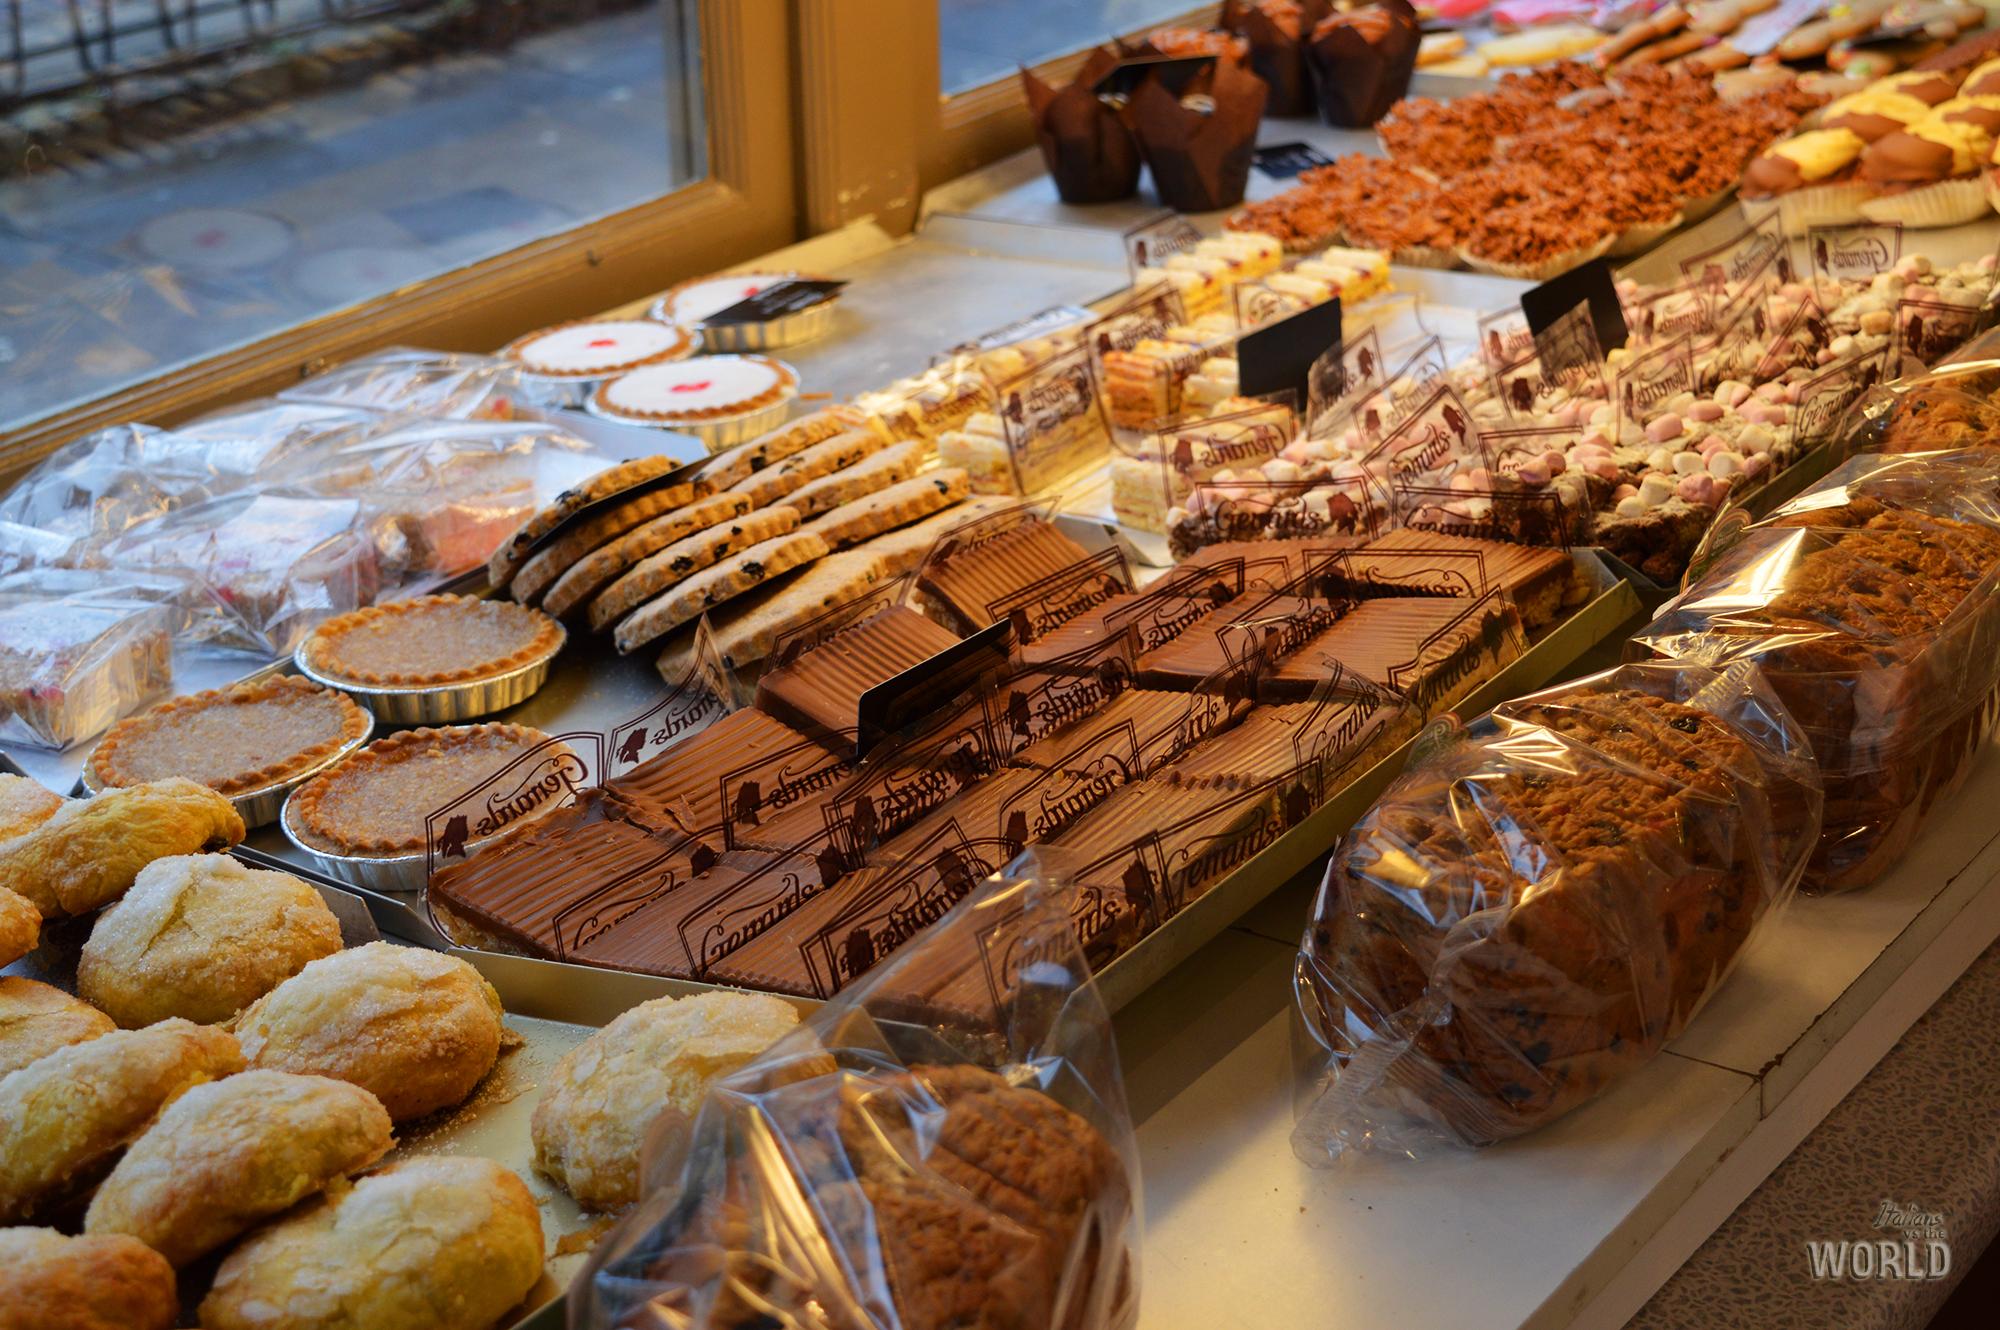 Alla ricerca della cucina tradizionale inglese – Italians vs The World